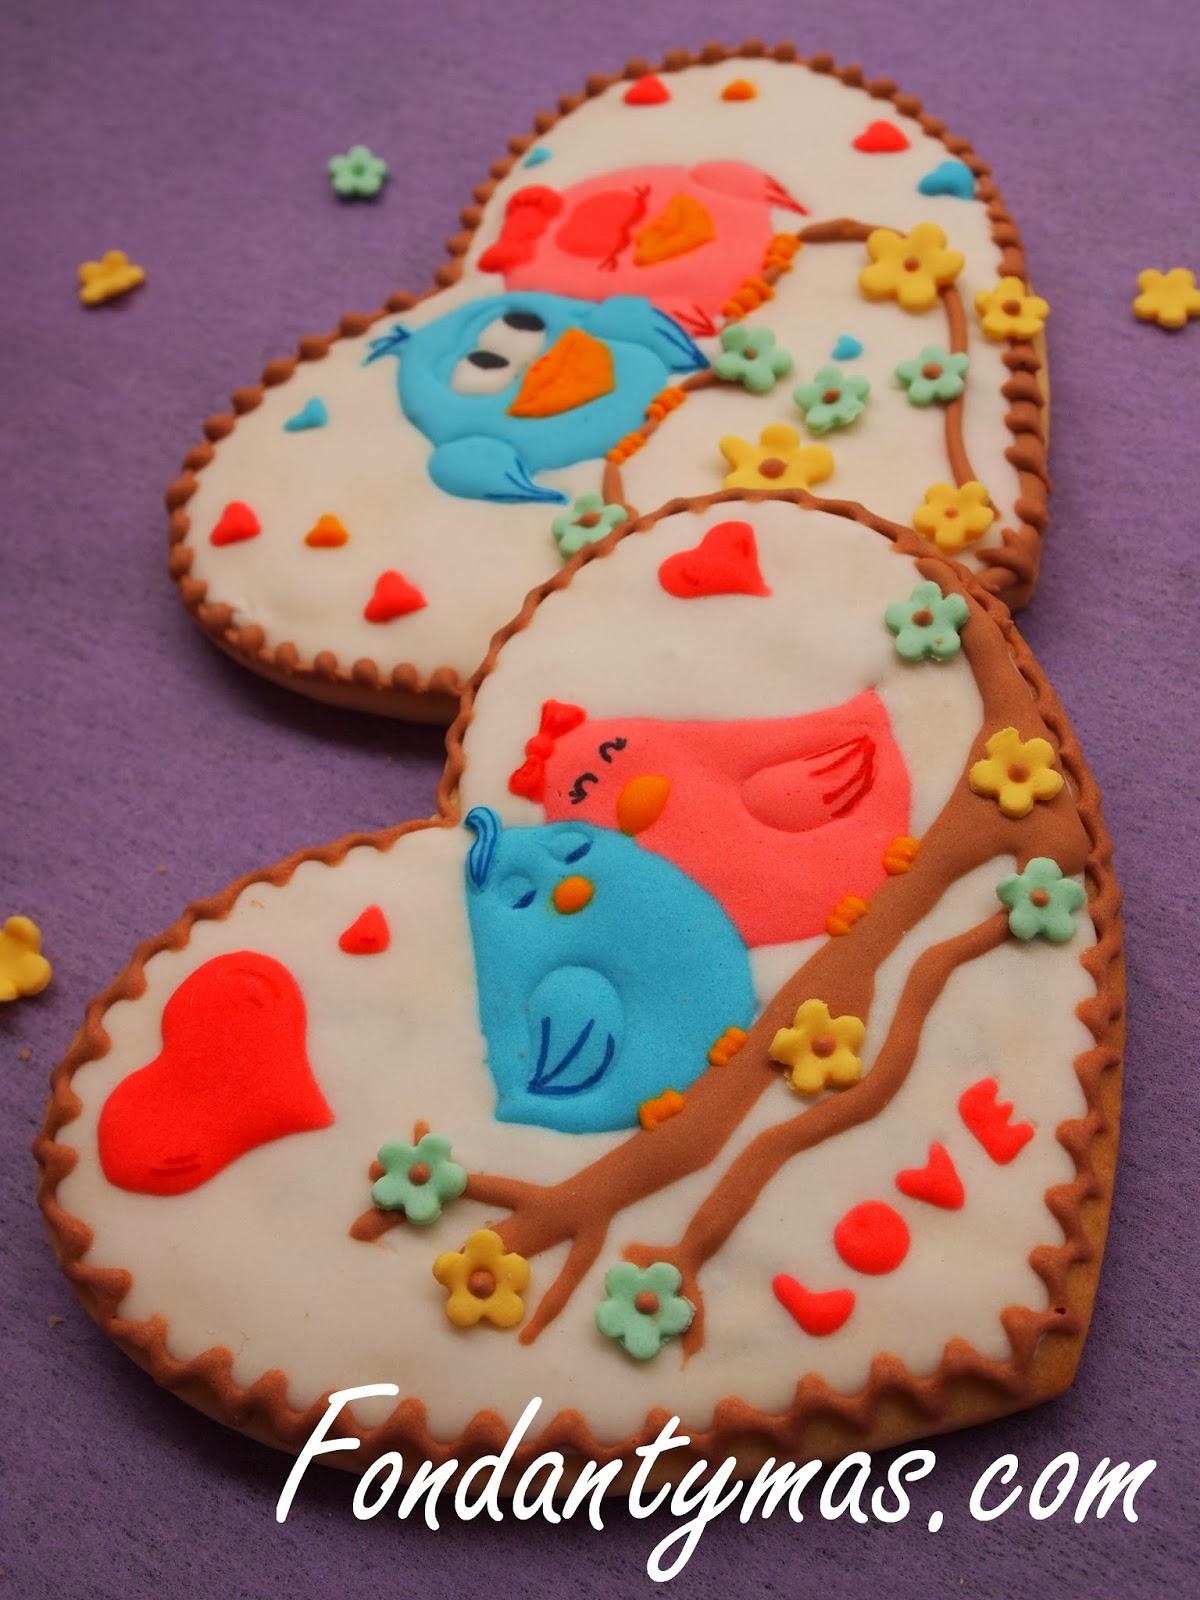 http://www.fondantymas.com/2014/02/galletas-de-san-valentn-dia-de-los.html